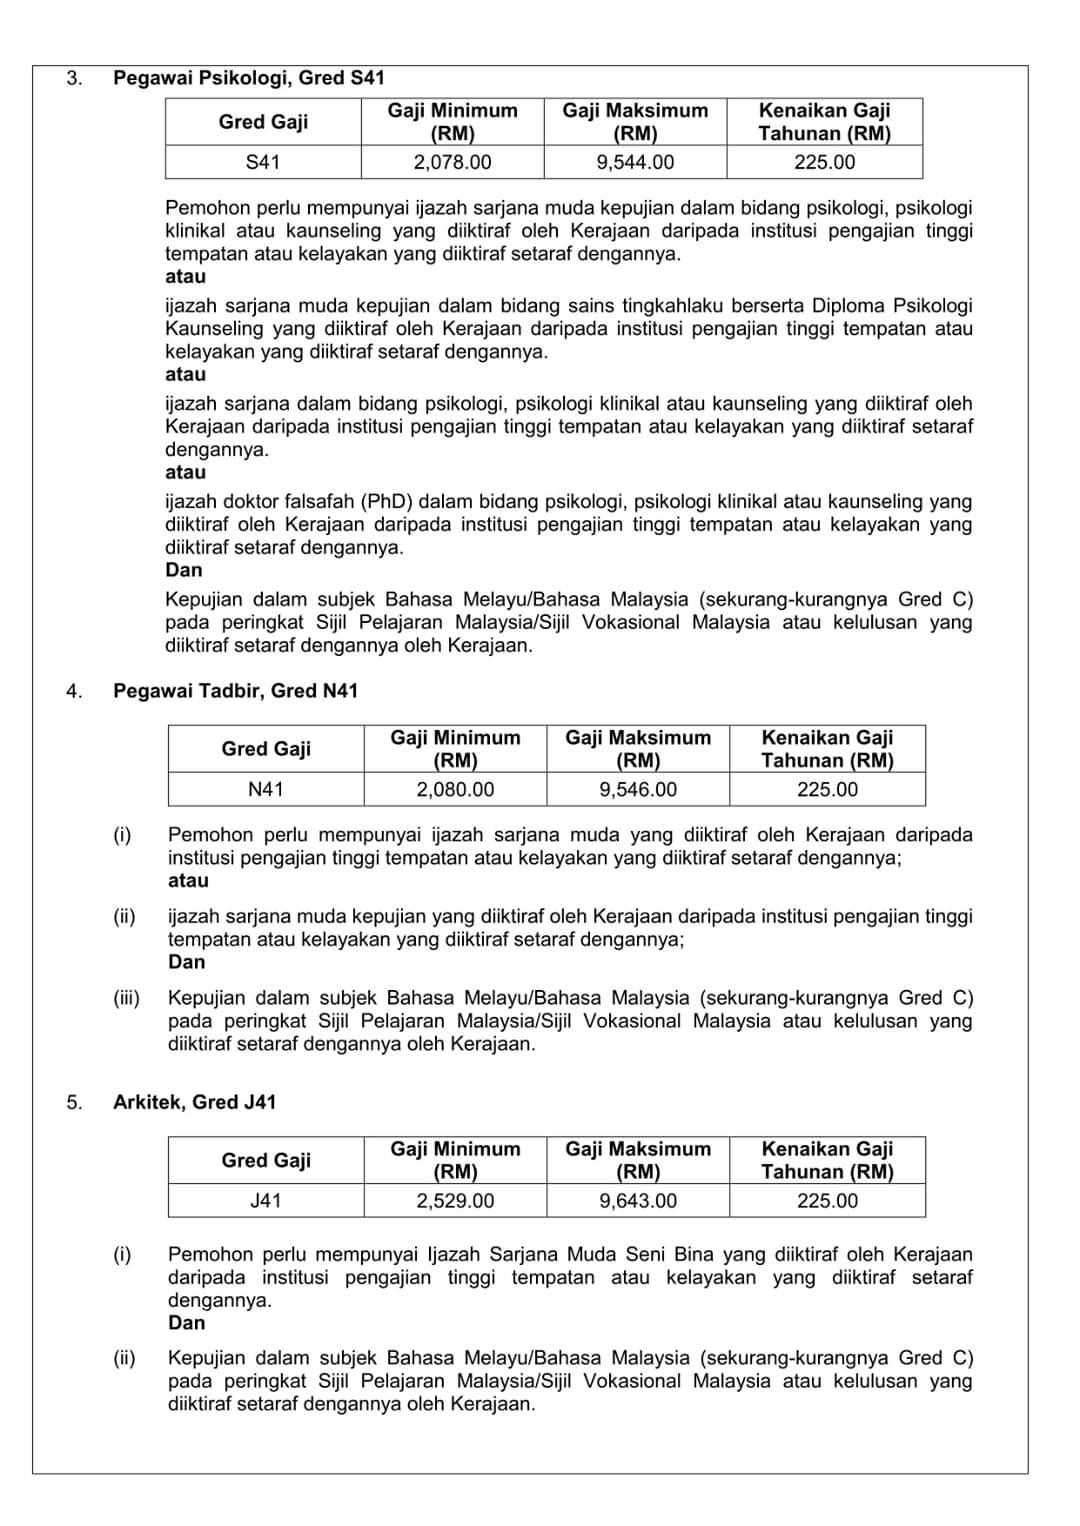 Datuk Jahat Hensem On Twitter Vacancy Universiti Malaysia Sarawak Pegawai Pemulihan Perubatan Gred U41 Pustakawan Gred S41 Pegawai Psikologi Gred S41 Pegawai Tadbir Gred N41 Arkitek Gred J41 Penolong Pegawai Seni Bina